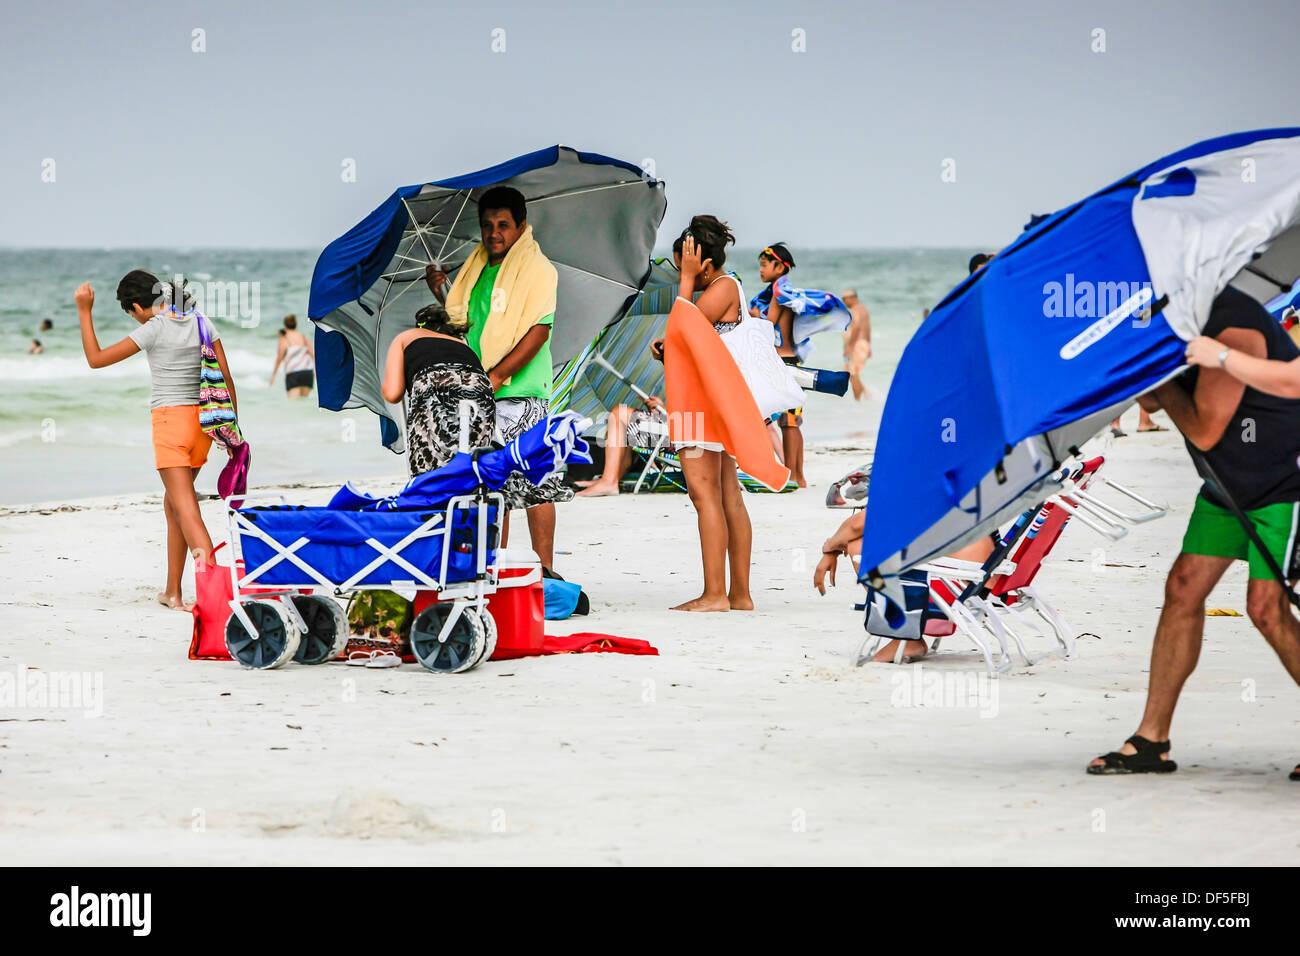 Caída de personas tratando de sombrillas de playa durante una tormenta de viento en Siesta Key Beach, Florida Imagen De Stock